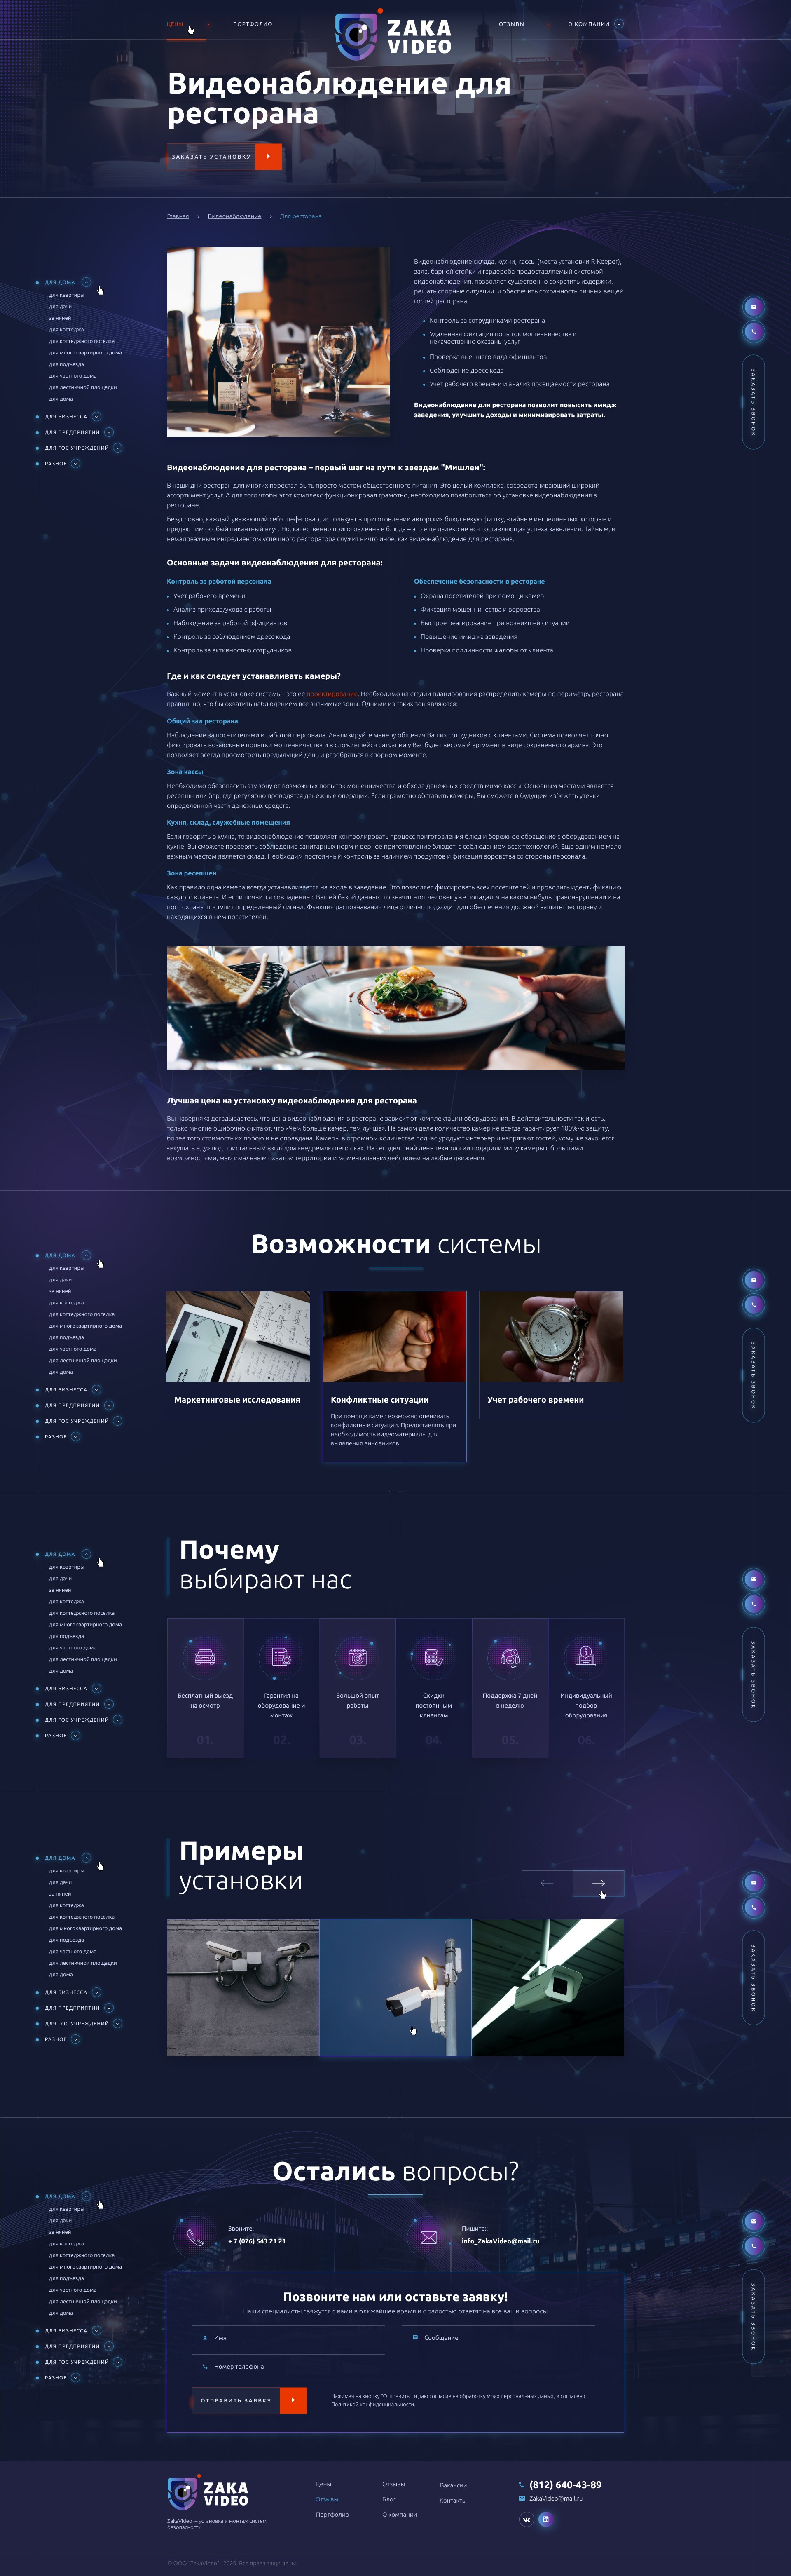 03_ZakaVideoi_Categories_inner_0.1